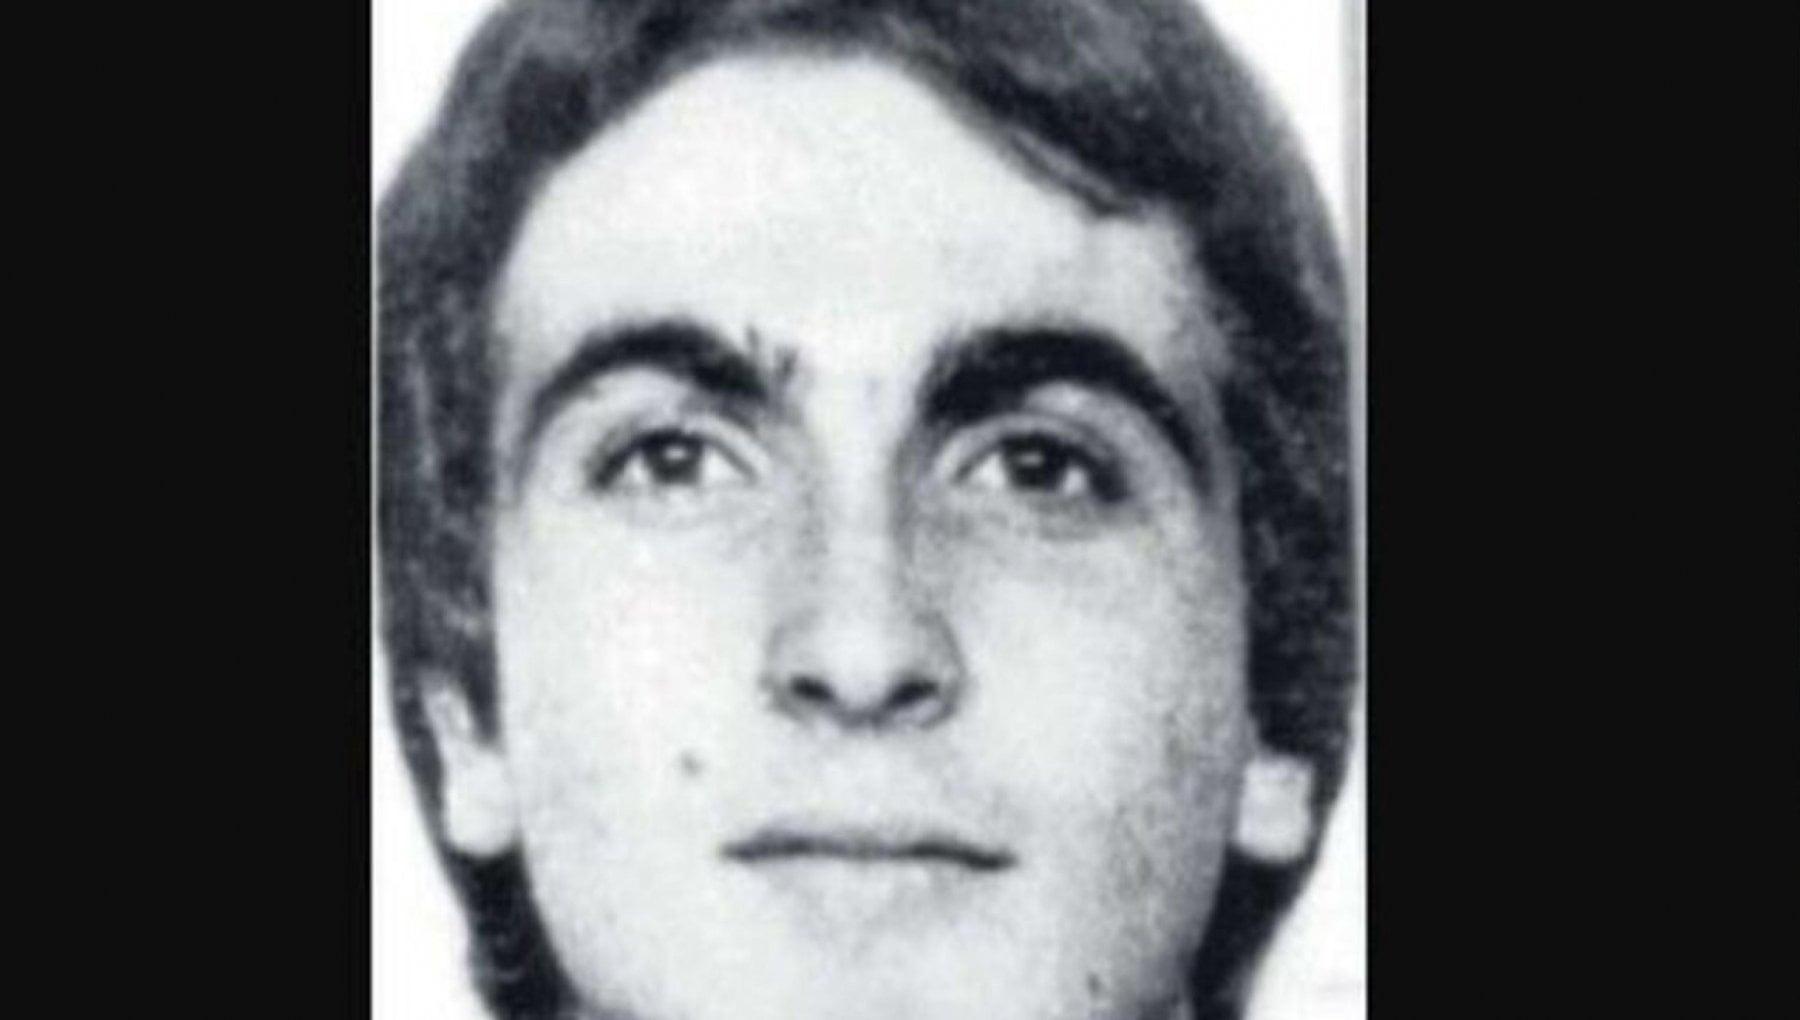 202516303 c0f6ce3c cae9 426d 8771 56a57fe8f10e - Parigi, scarcerato l'ex Br Maurizio Di Marzio